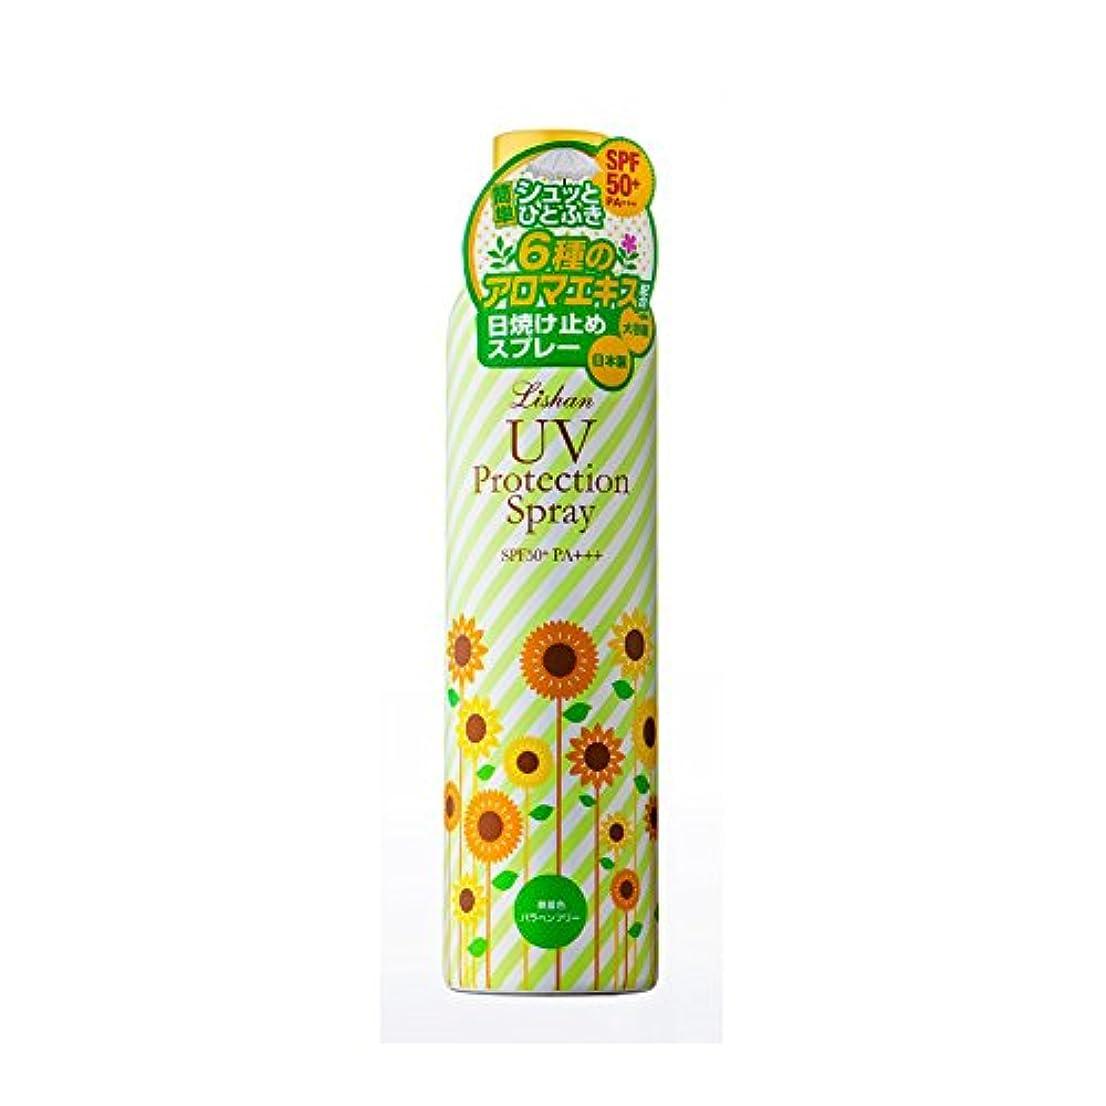 宿泊ふける最小リシャン 大容量UVスプレー アロマミックスの香り (230g)